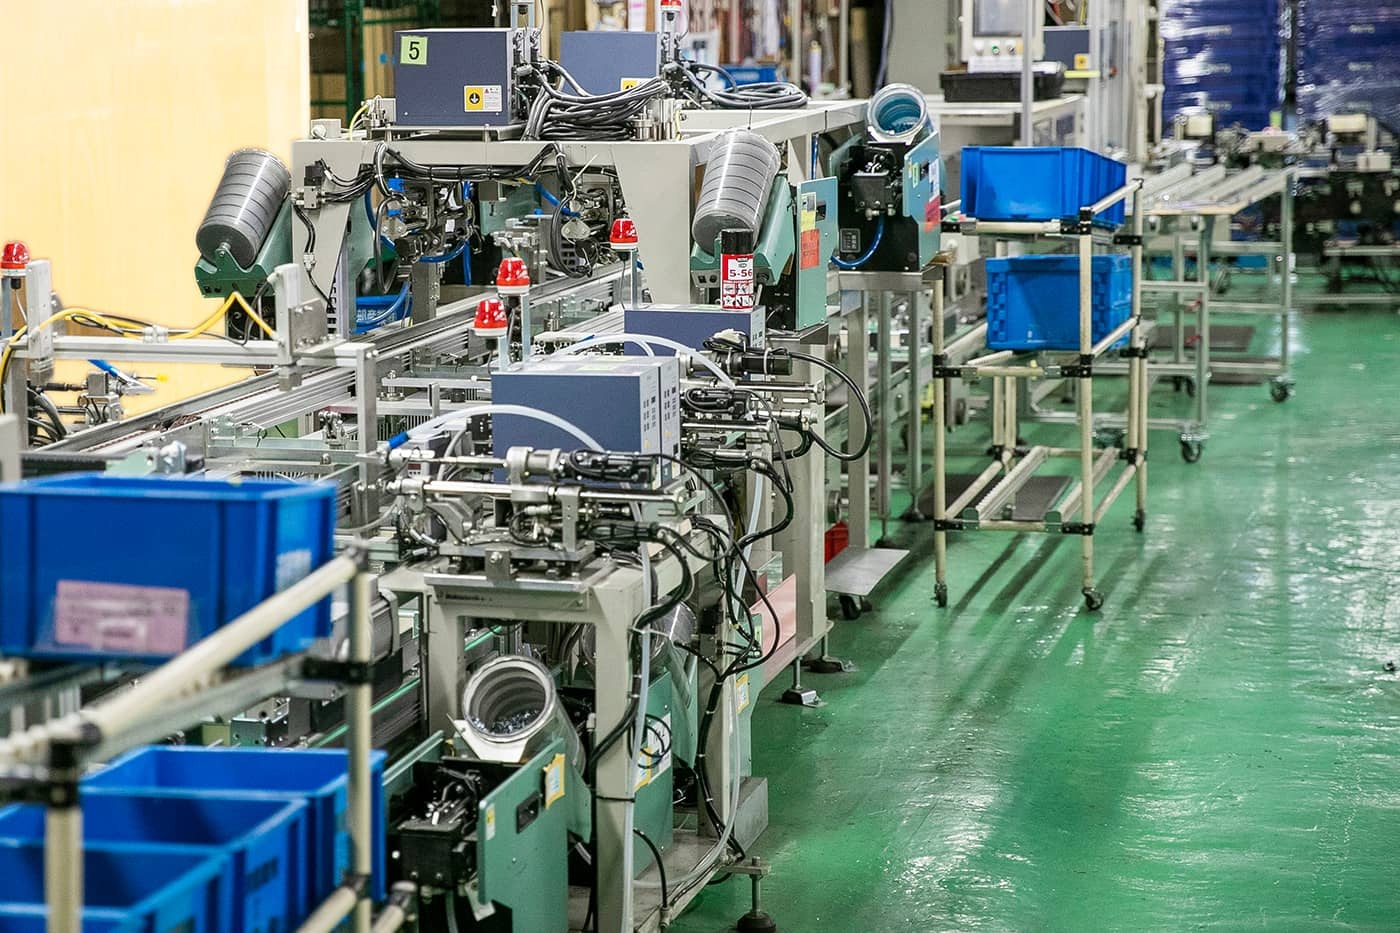 遊技機台の「外枠」生産設備。変動する生産量に対しては手動生産に切り替えるなどフレキシブルな対応を実現している。